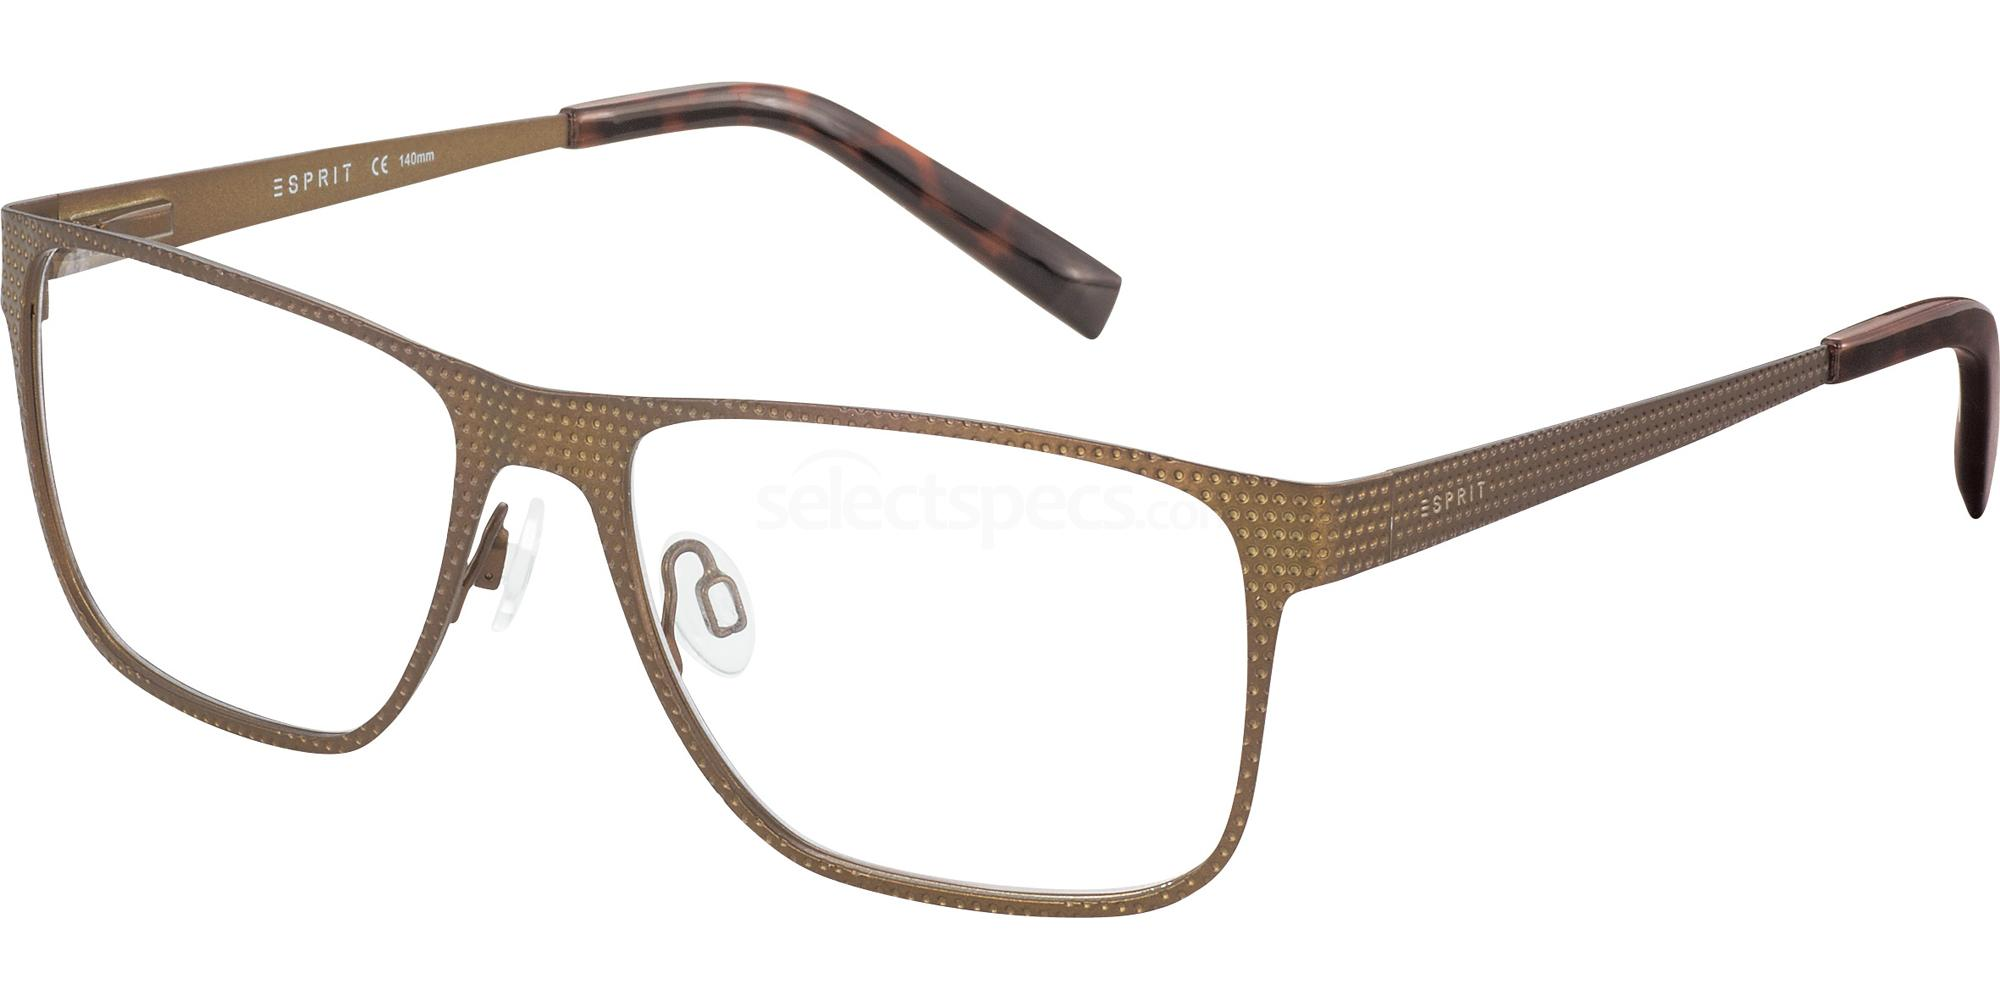 527 ET17506 Glasses, Esprit